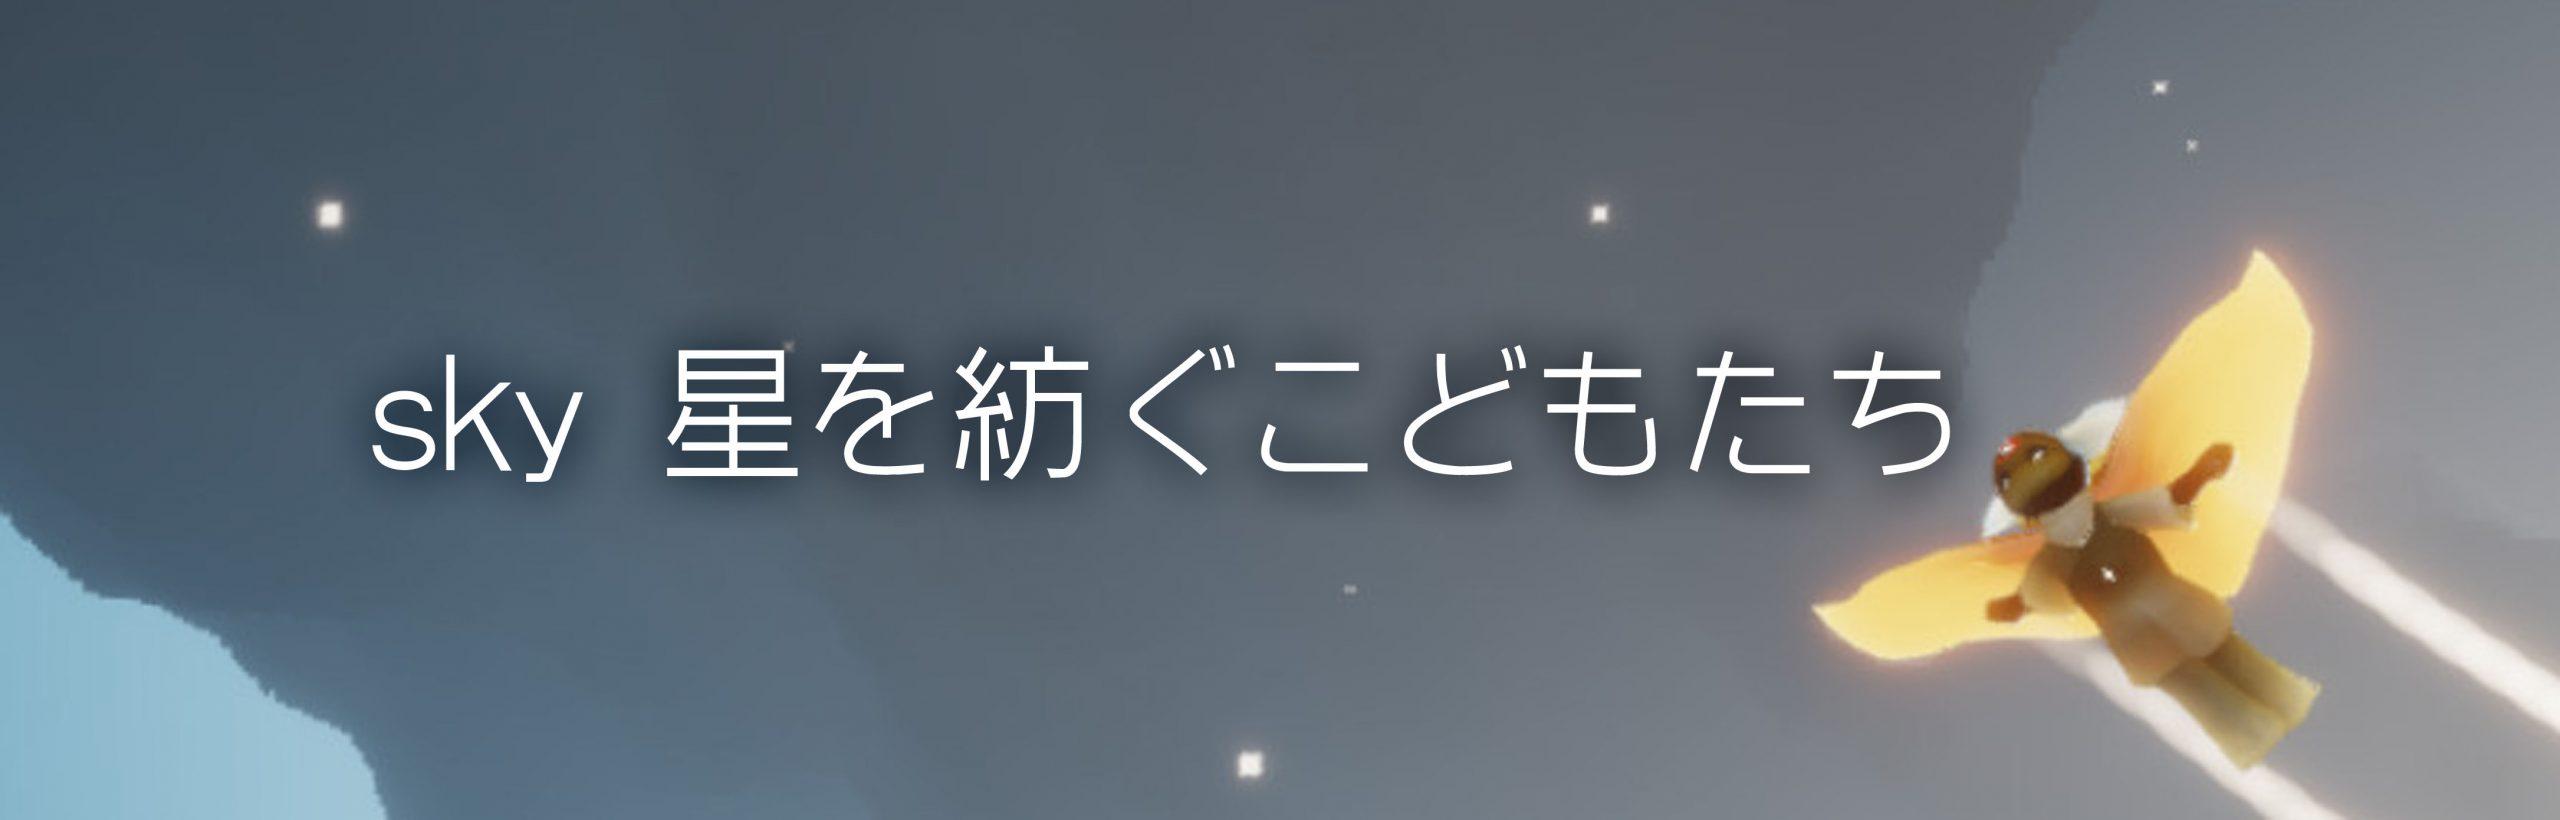 たち 子ども 紡ぐ 攻略 sky を 星